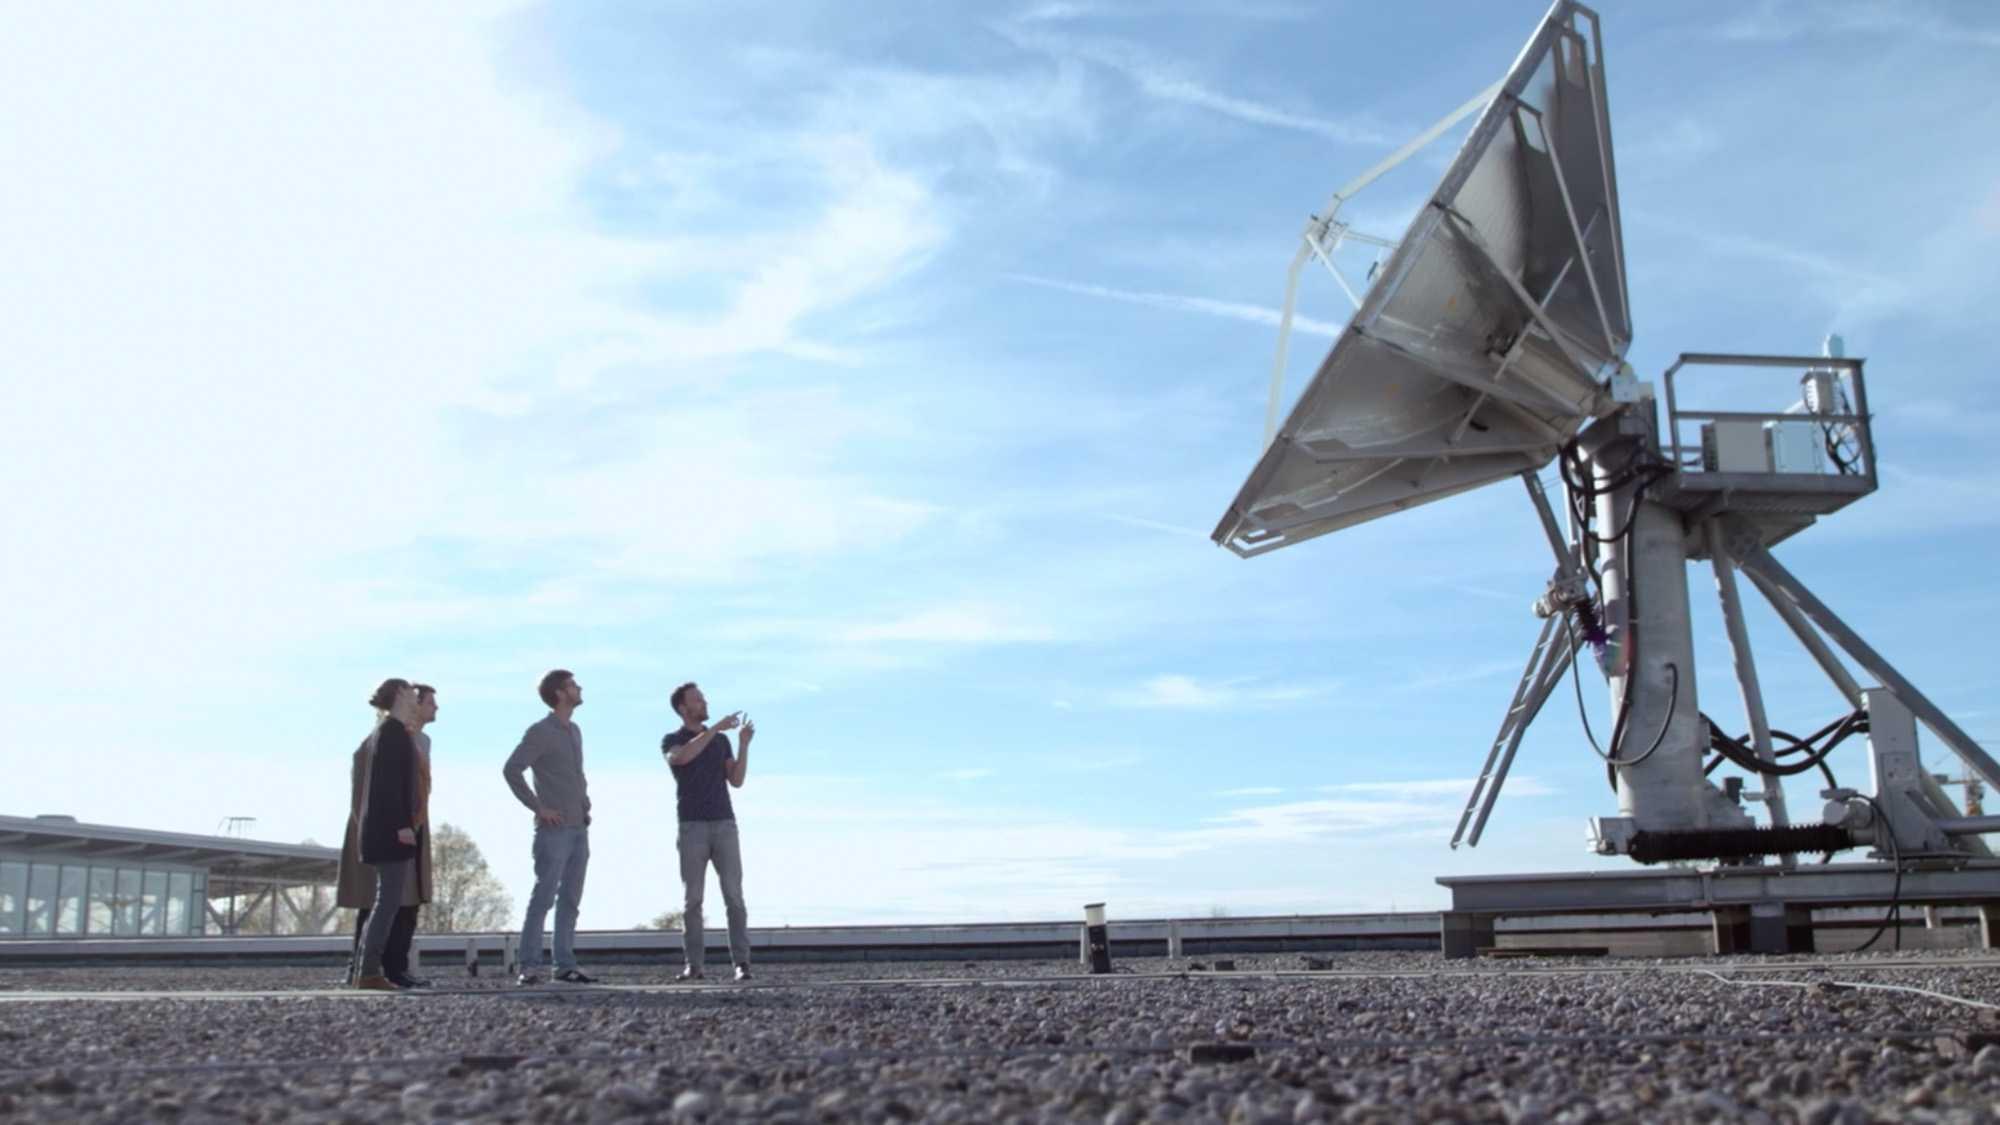 Das Bild zeigt auf der rechten Seite einen großen Satelliten stehen. Vor ihm stehen drei Männer, die sich unterhalten. Sie stehen auf einem asphaltierten Platz. Hinter ihnen steht ein Gebäude. Ein blaugefärbter Himmel ziert den Hintergrund. Das Bild dient als Sliderbild für den Portfolioeintrag Munich Aerospace Imagefilm von Panda Pictures.